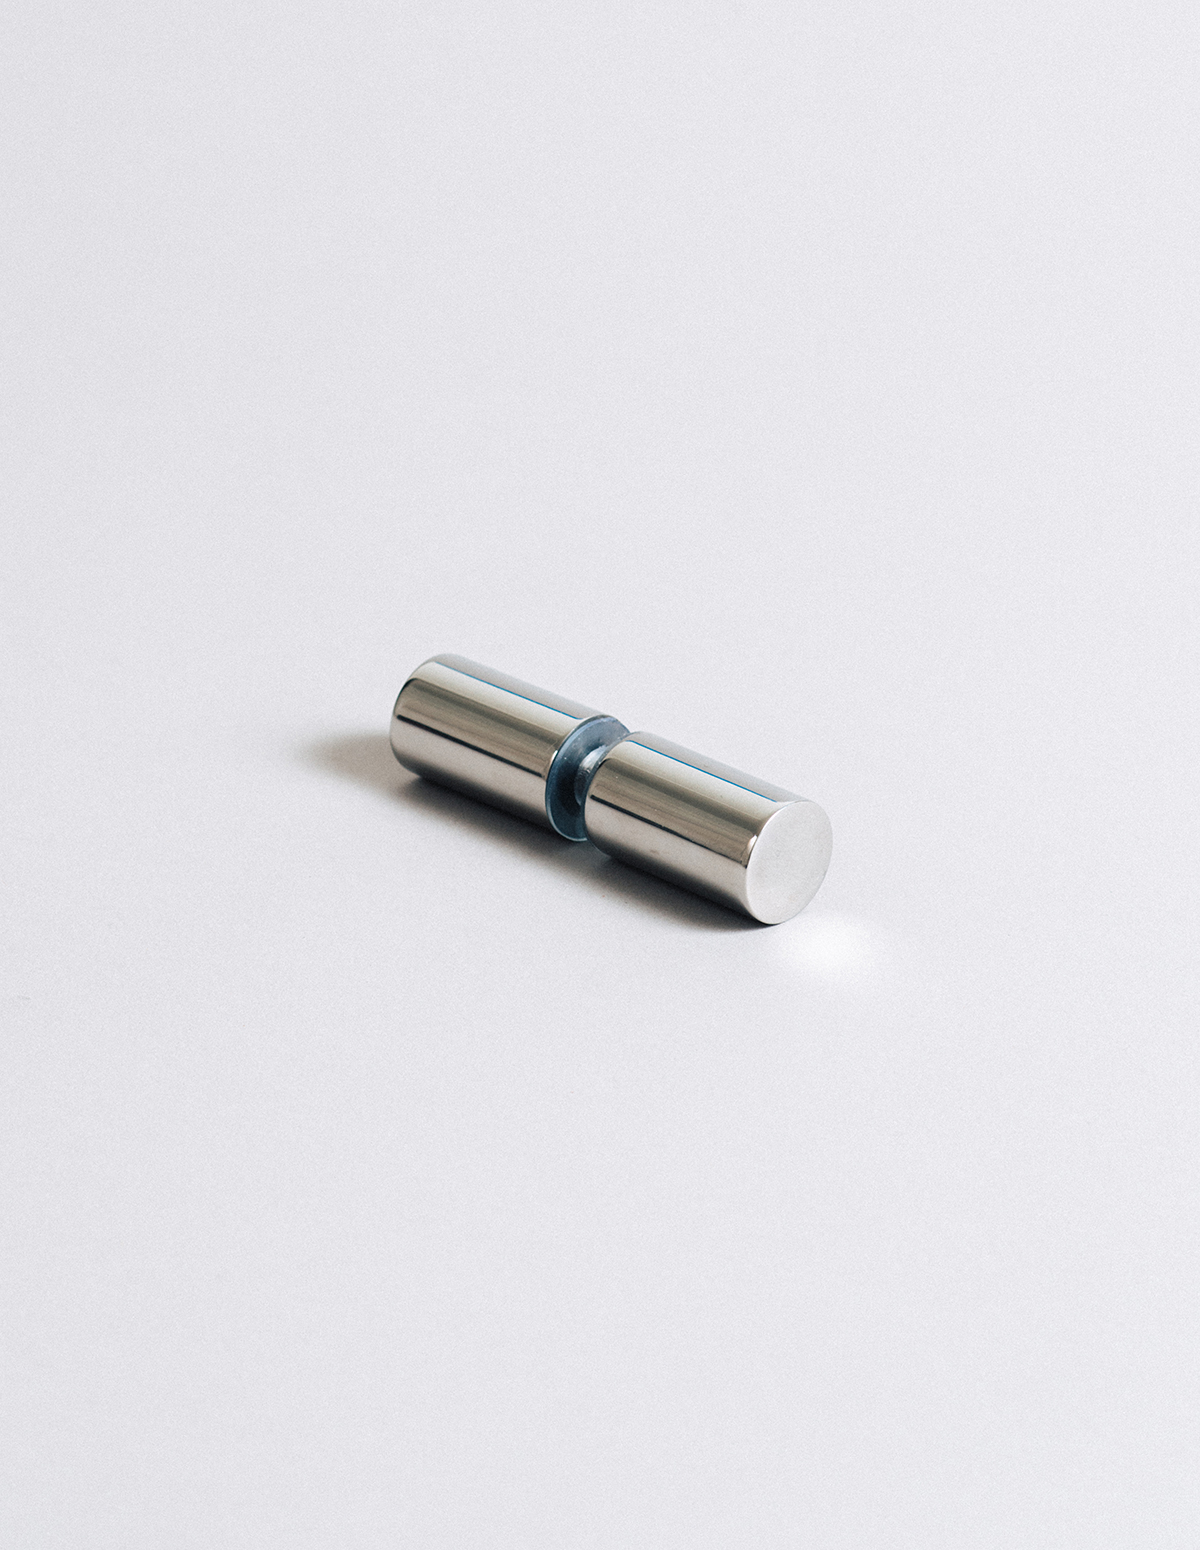 Optimum-Studios-Architectural-Glass-Metal-HardwarePage-Handle3-042216